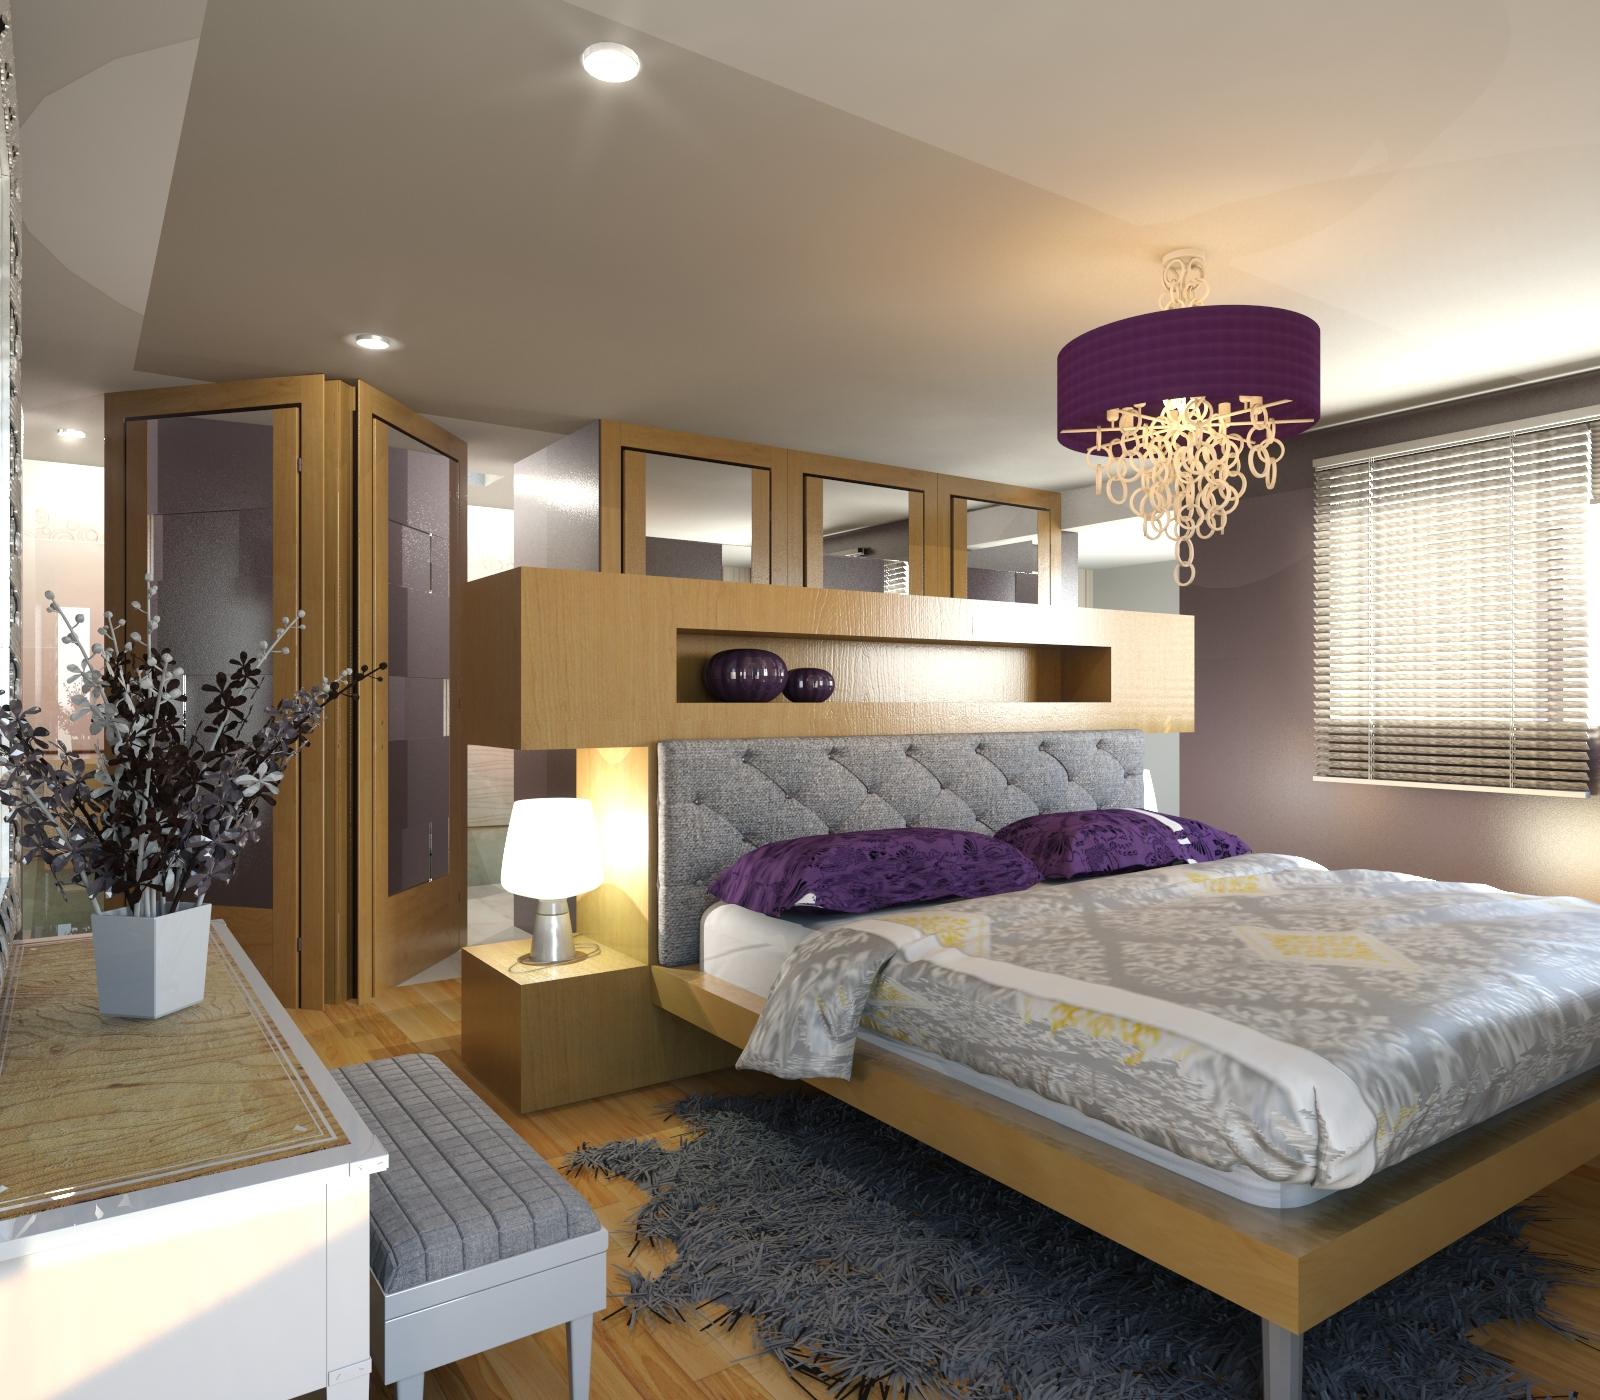 Dise o de interiores de casas residencias y departamentos grupo mobilart - Paginas de diseno de interiores ...